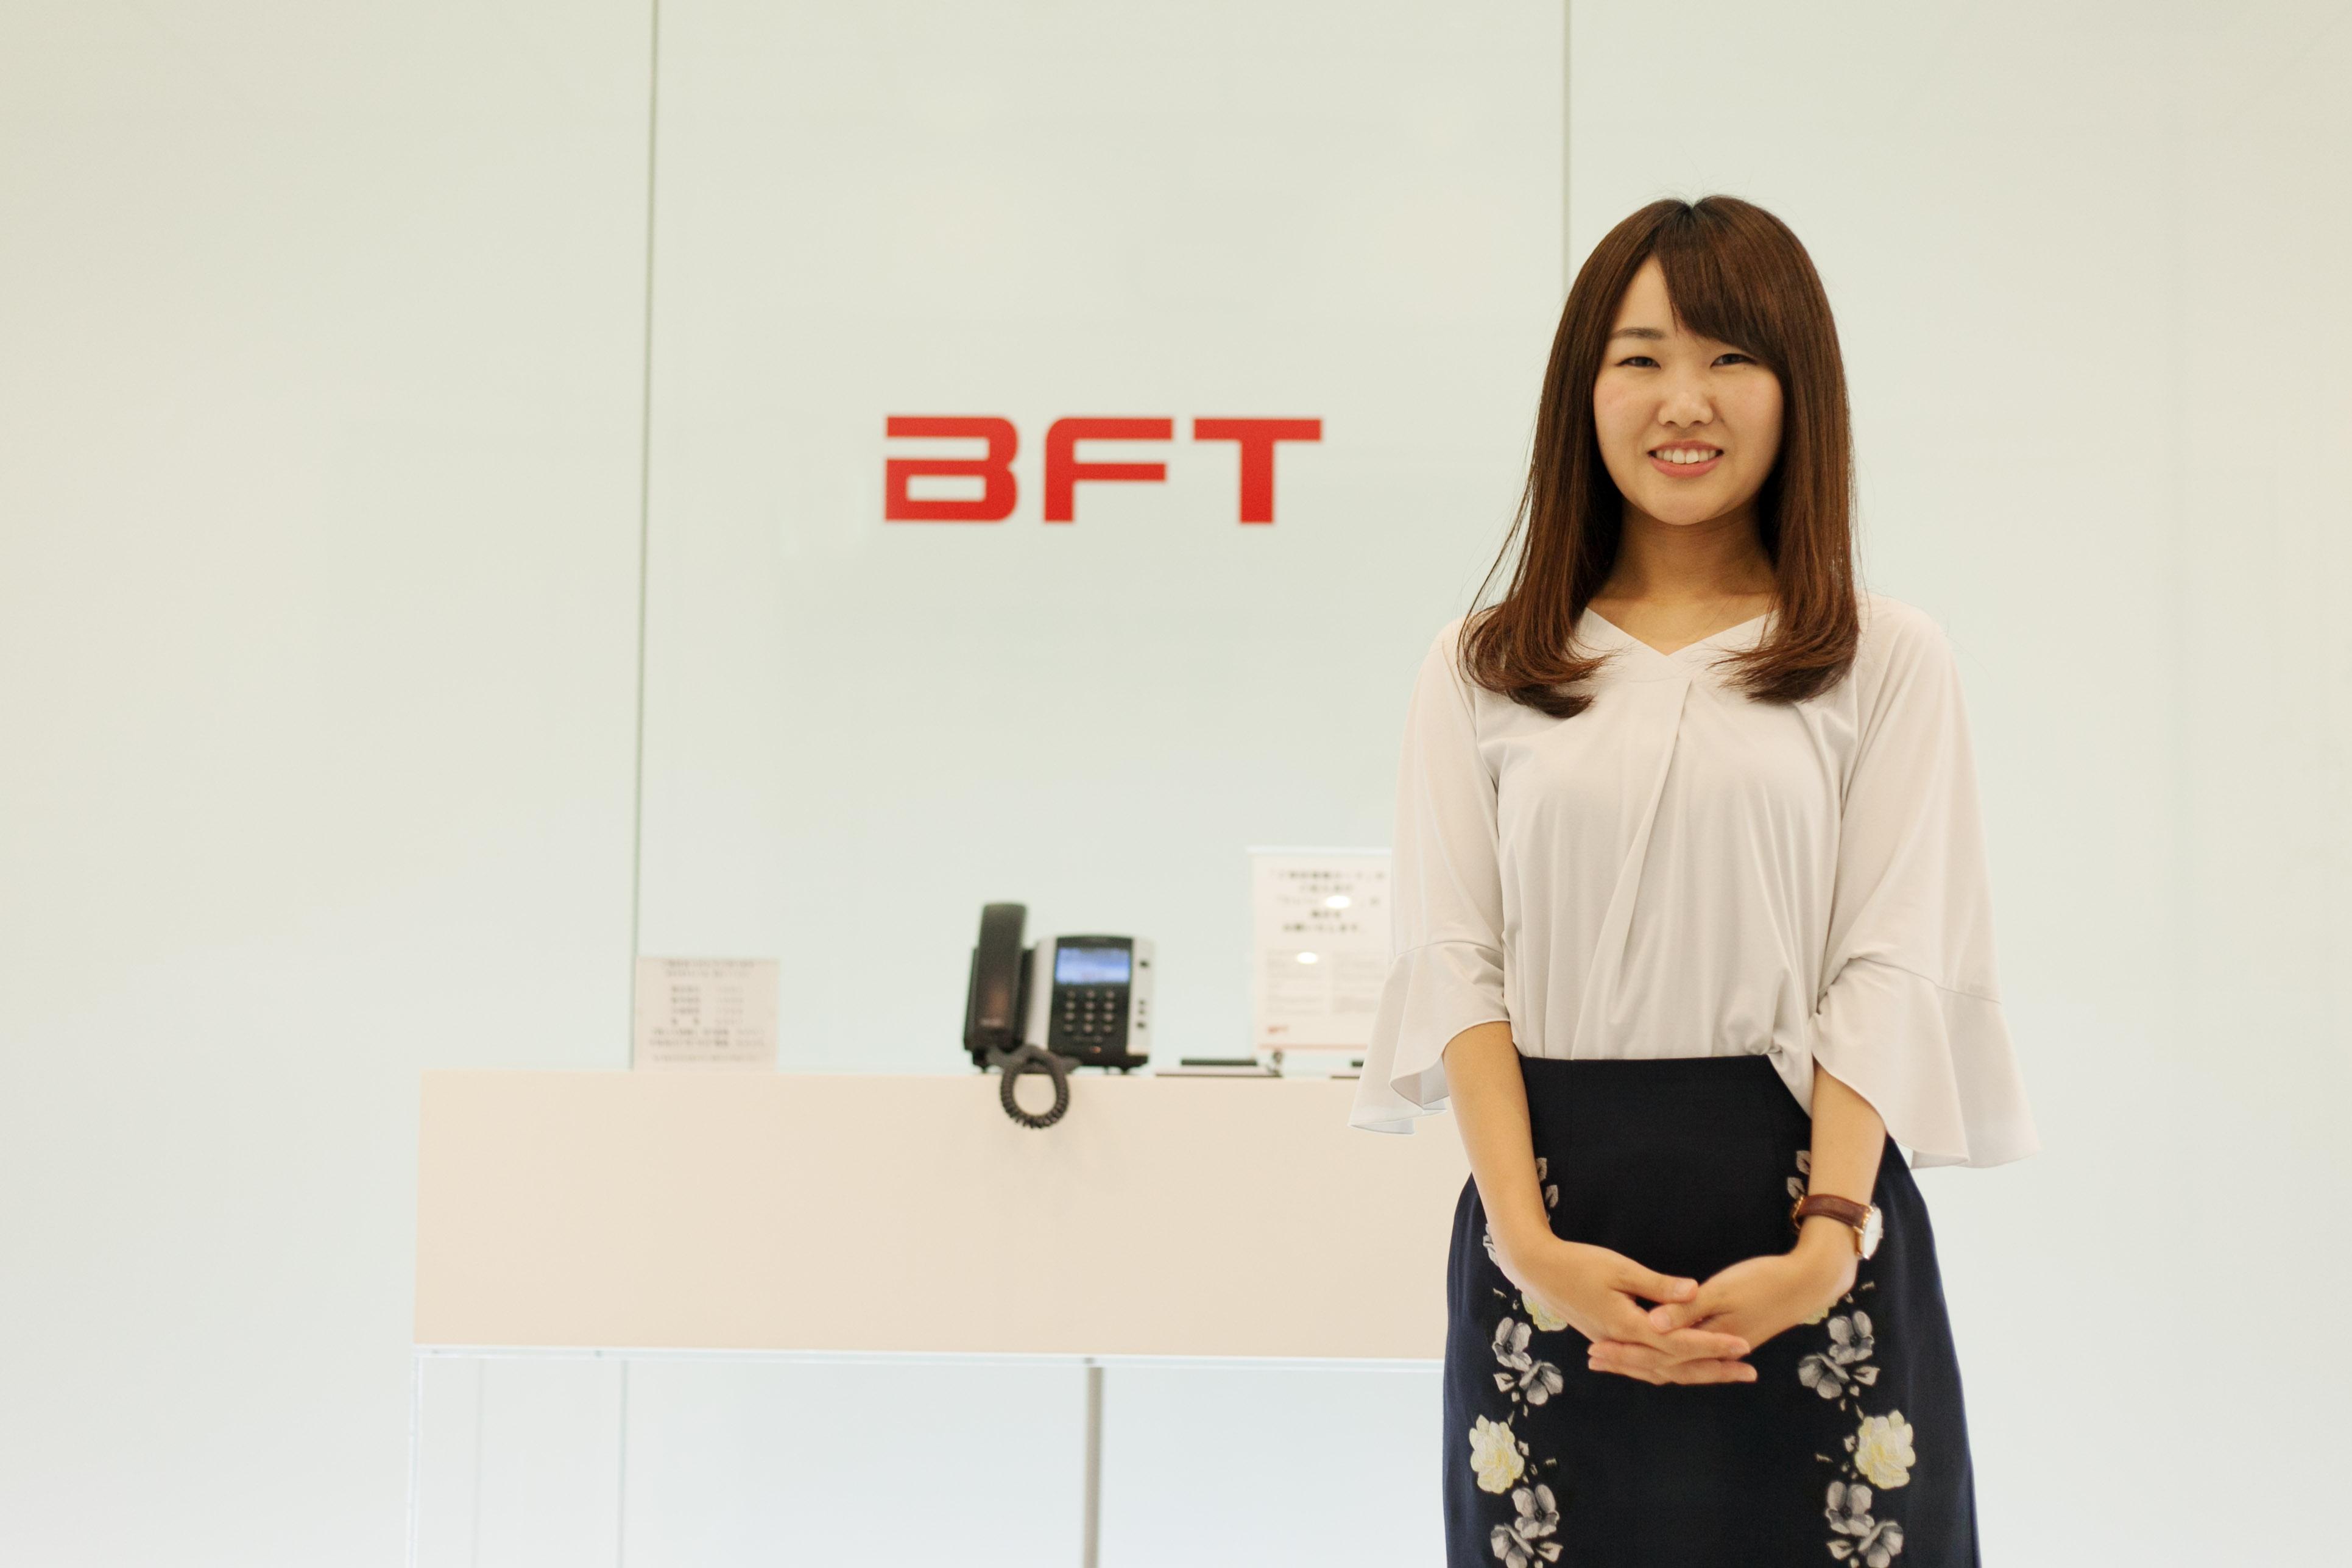 シマウマの先輩であるBFT女性人事:福田さん